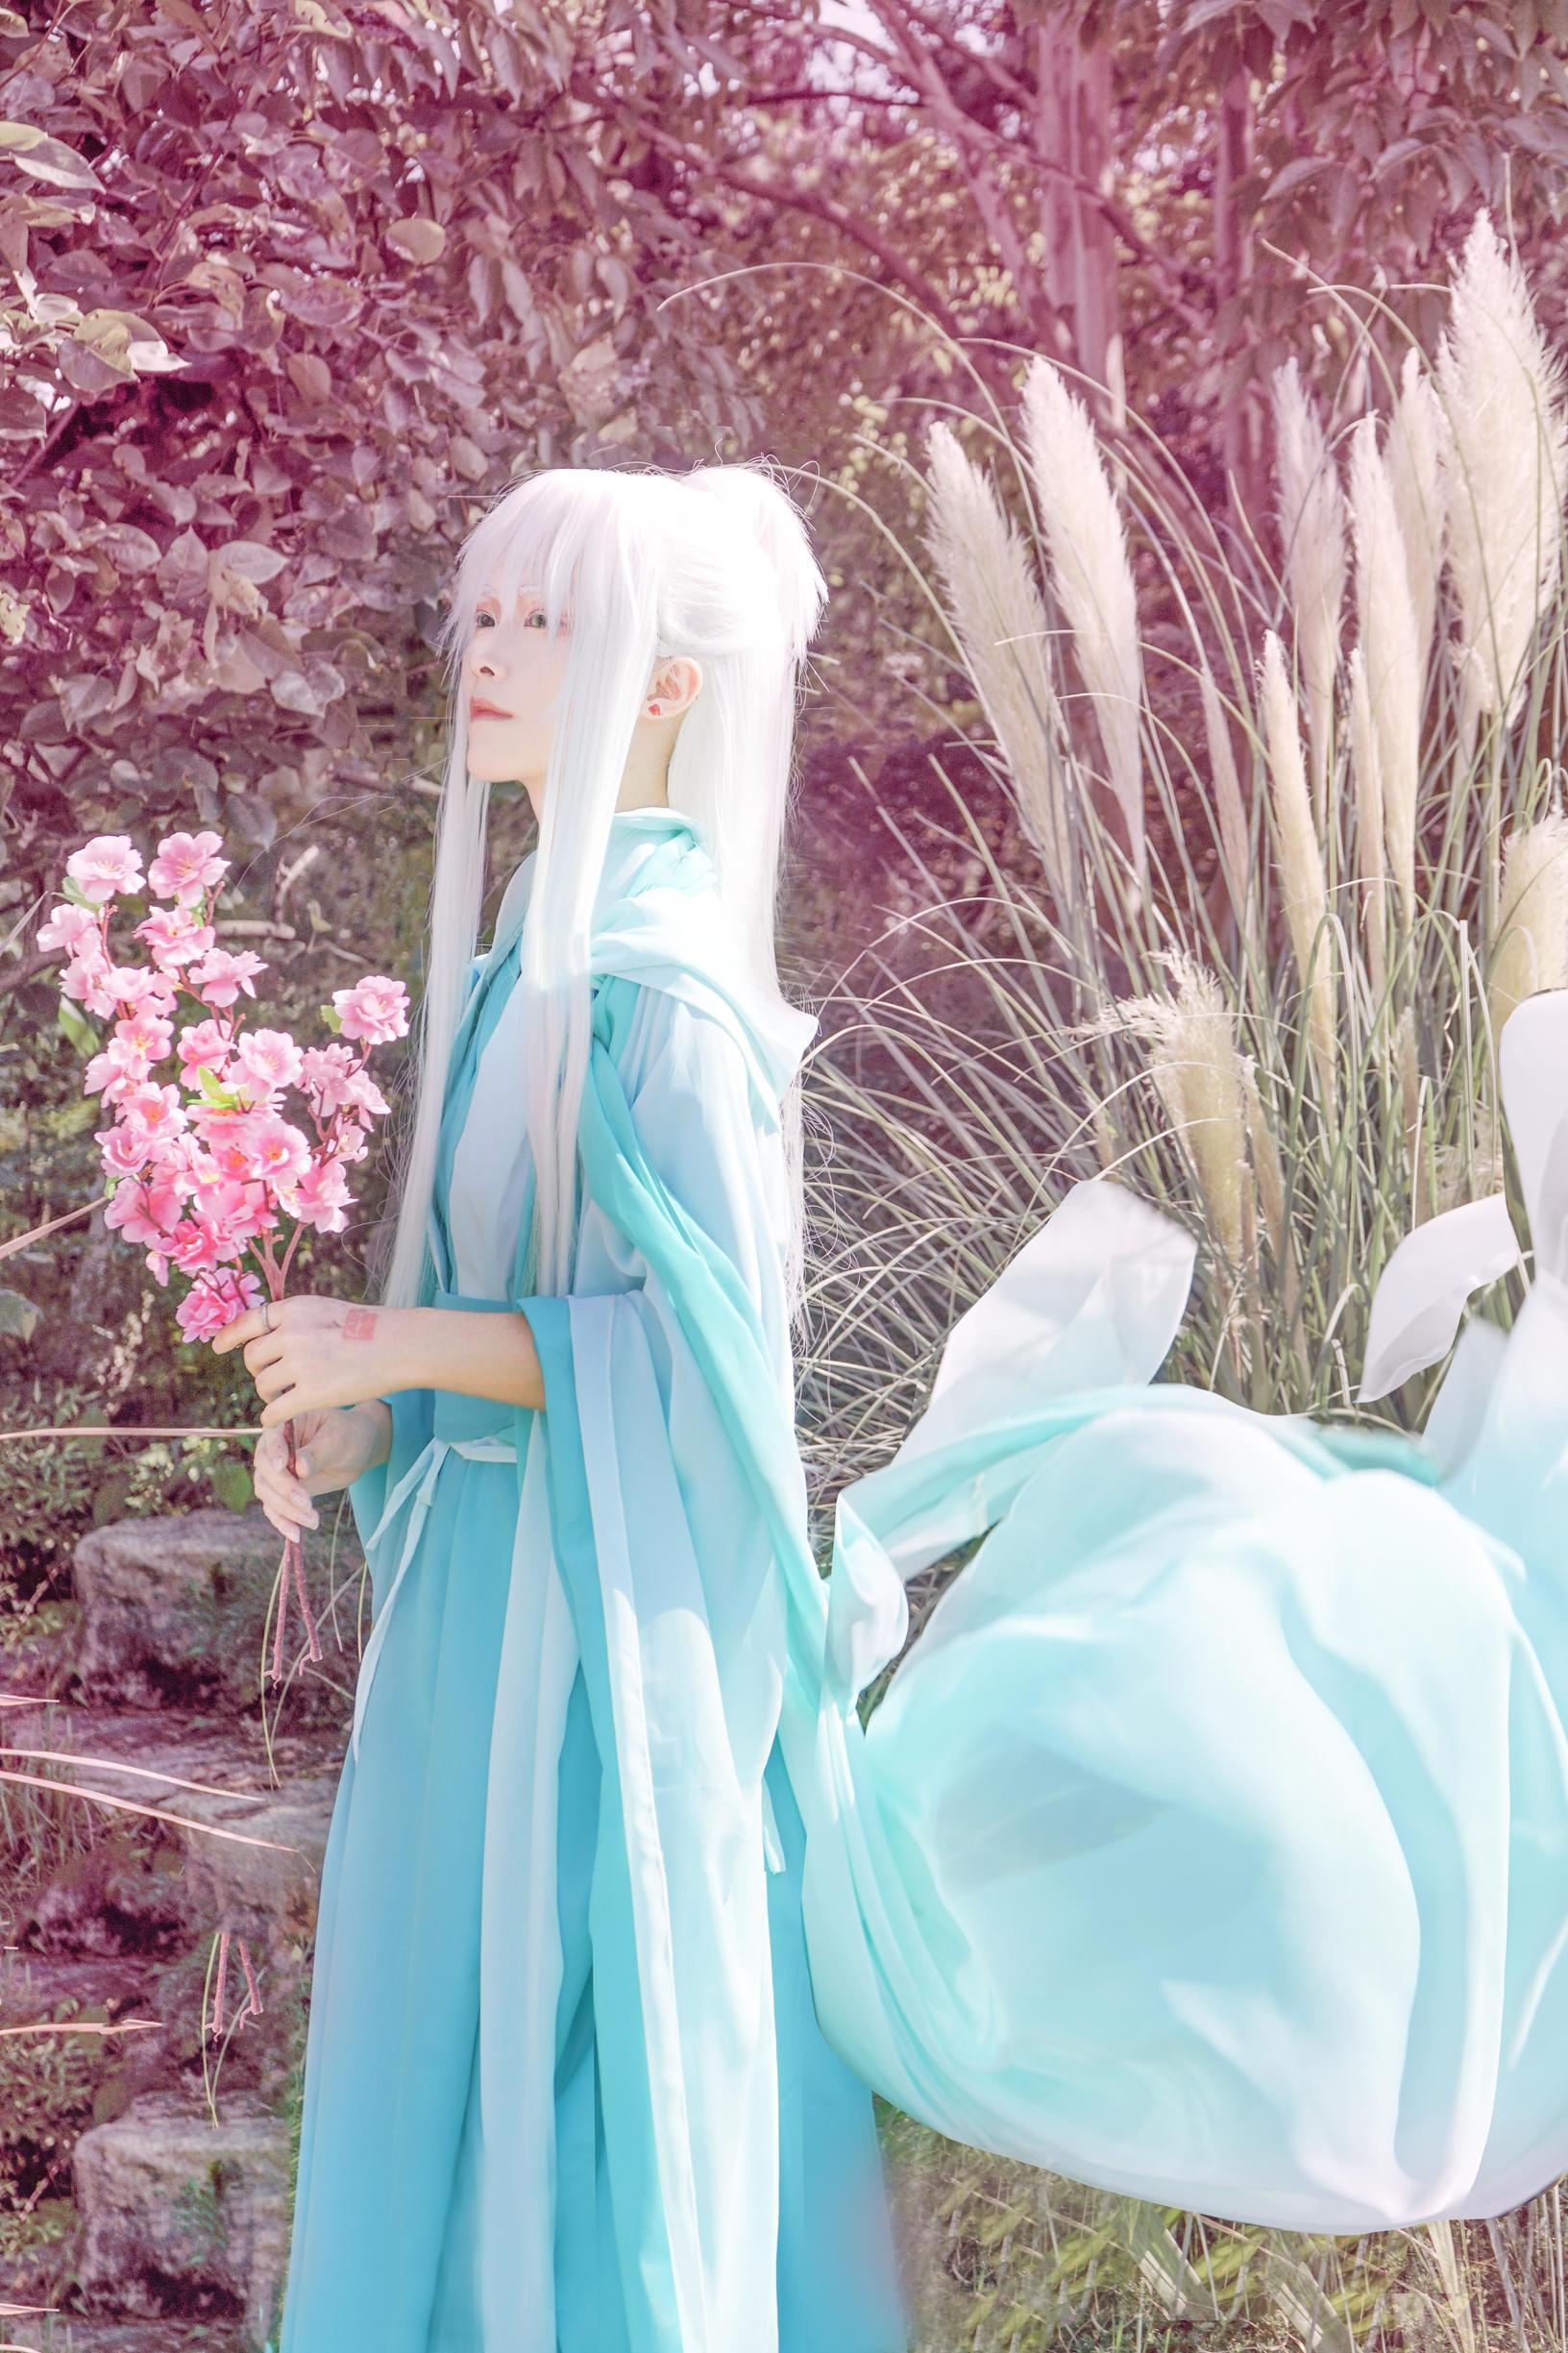 《天官赐福》顾昀cosplay【CN:飞卿AIER】 -动漫服装cosplay图片插图